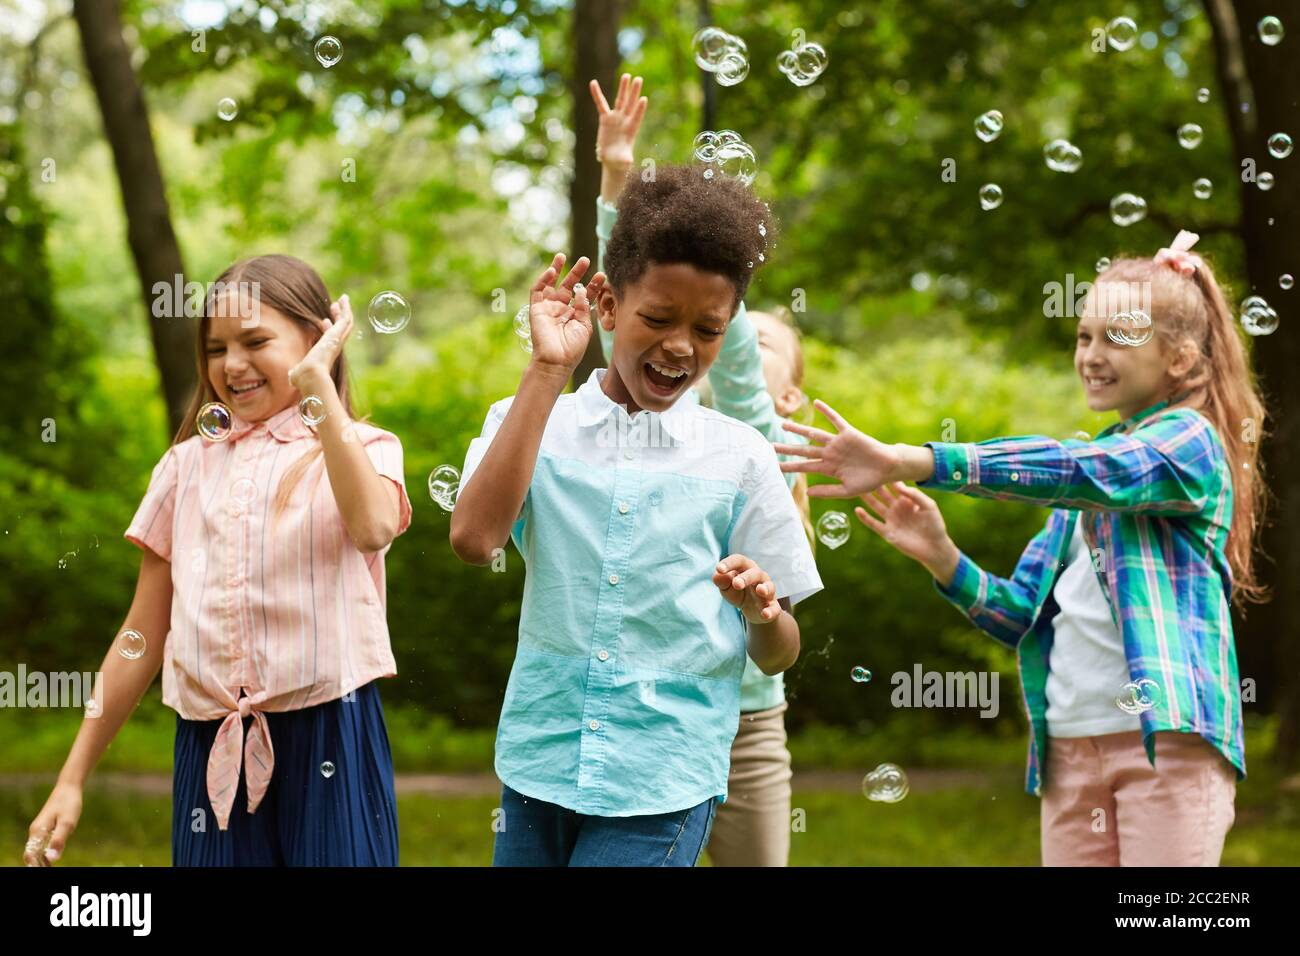 Waist up Porträt der multi-ethnischen Gruppe von unbeschwerten Kindern spielen Mit Blasen im Freien im Park Stockfoto